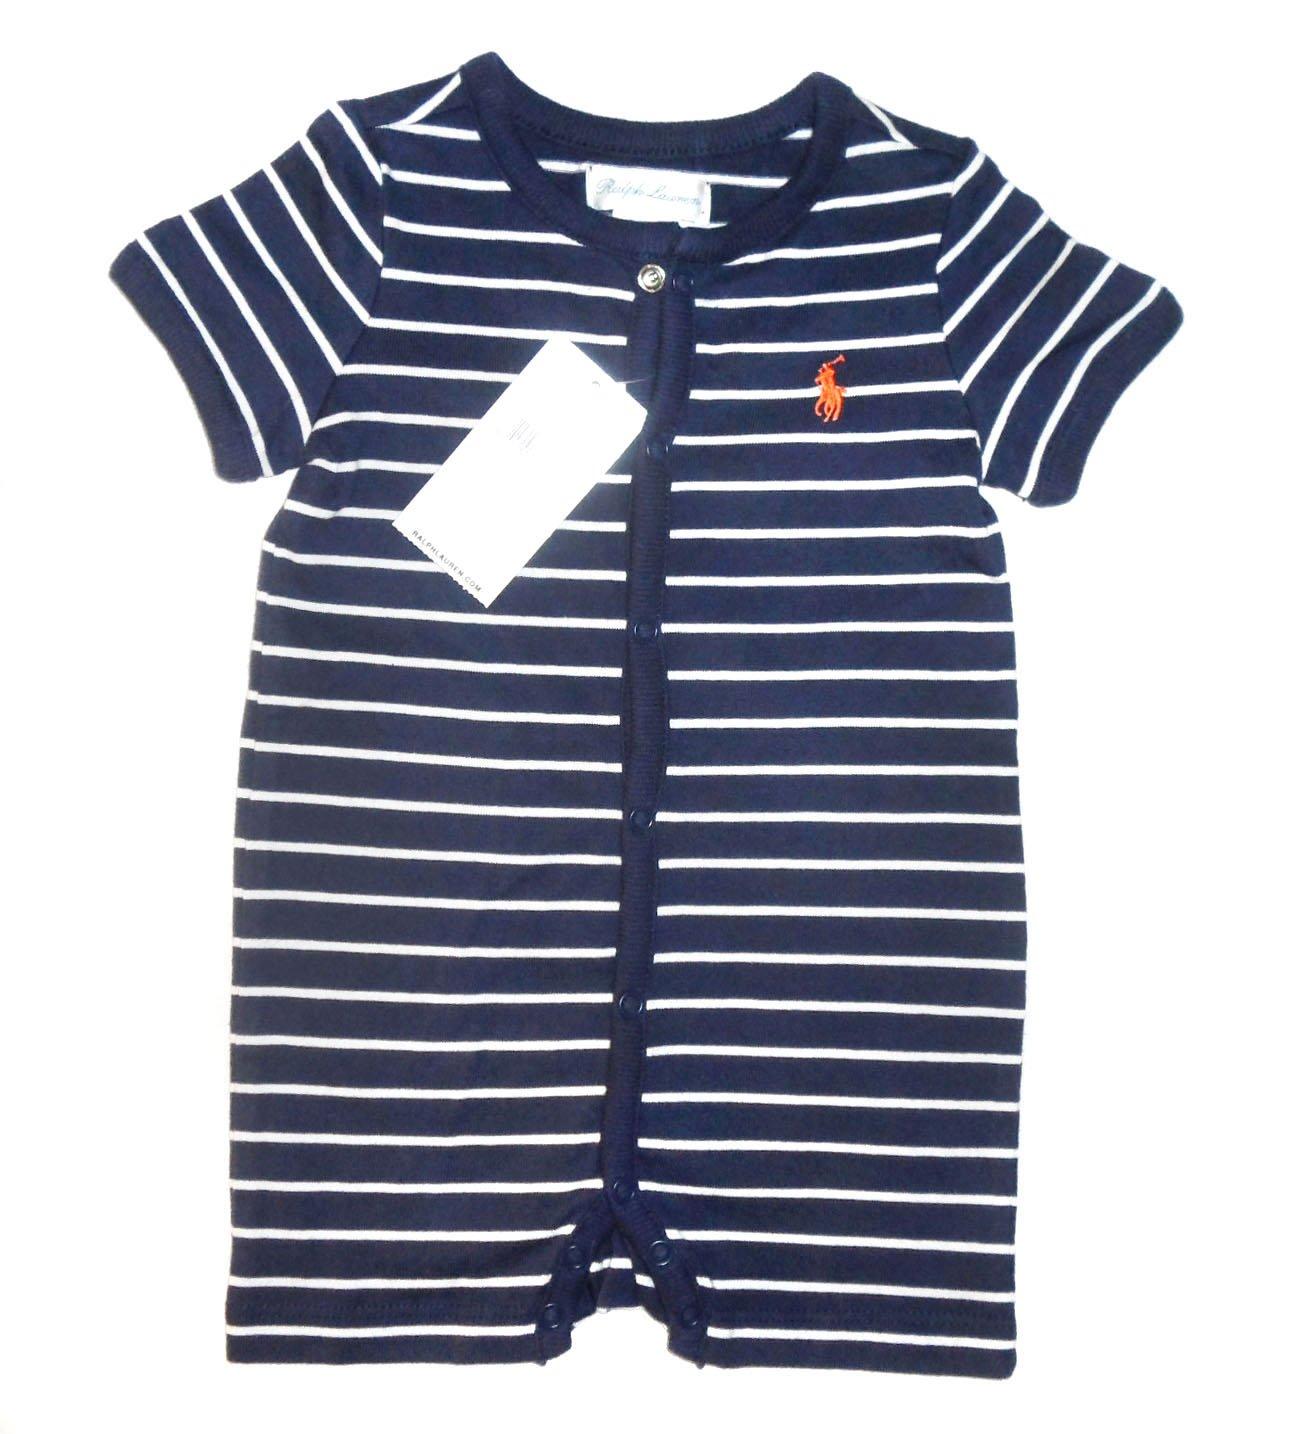 New Genuine Ralph Lauren bebé niños SHORTALL de rayas Babygrow Pelele - Observación azul azul azul Talla:3 meses: Amazon.es: Bebé